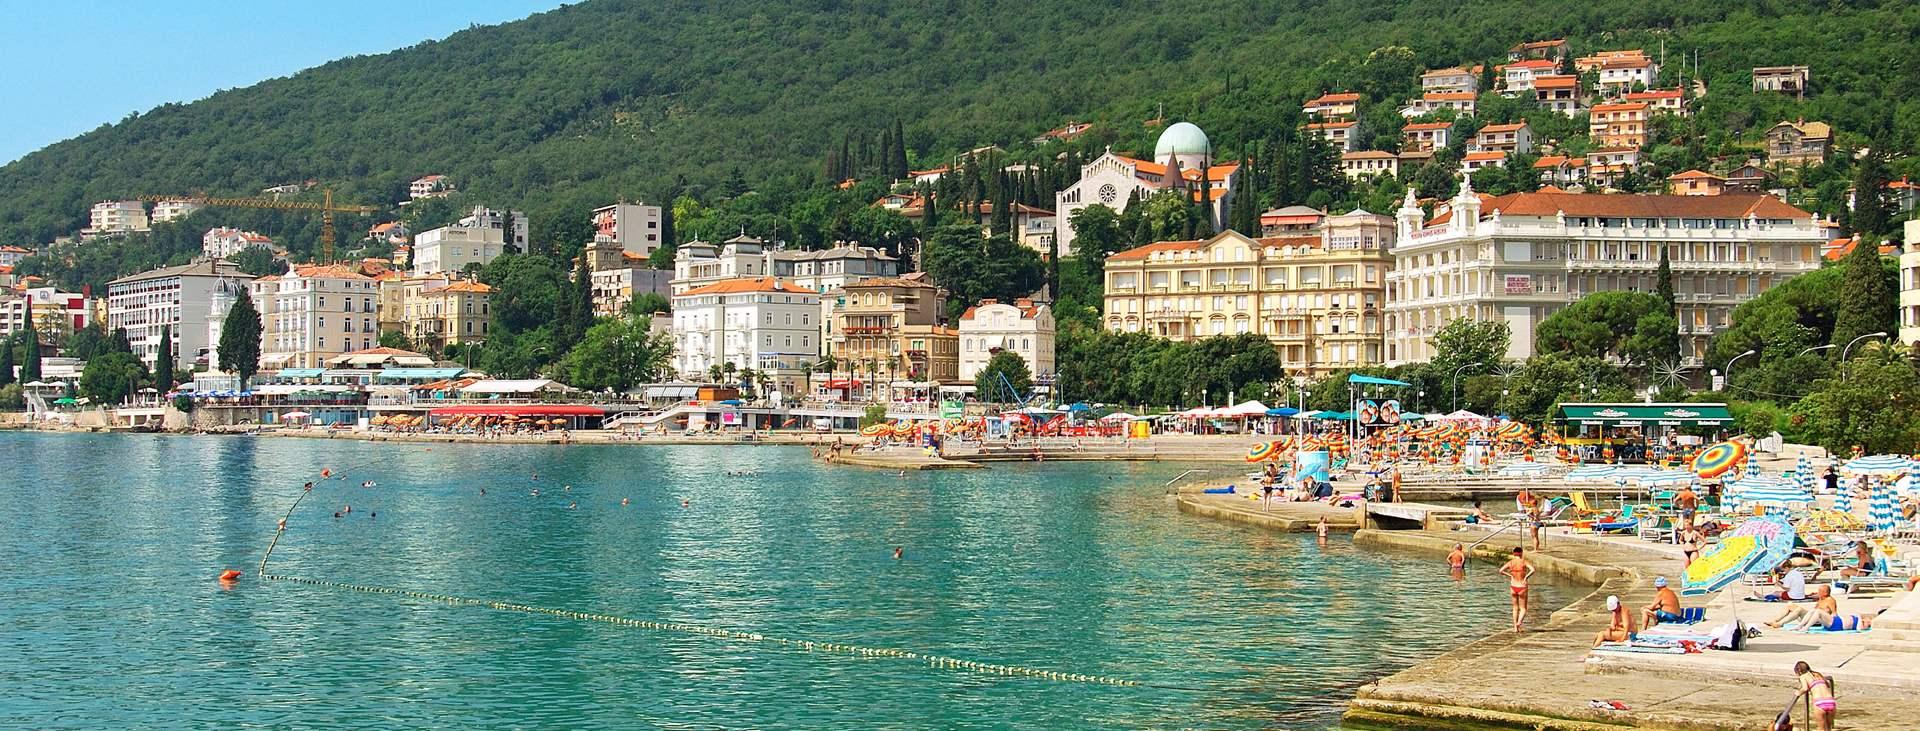 Resor till Istrien i Kroatien